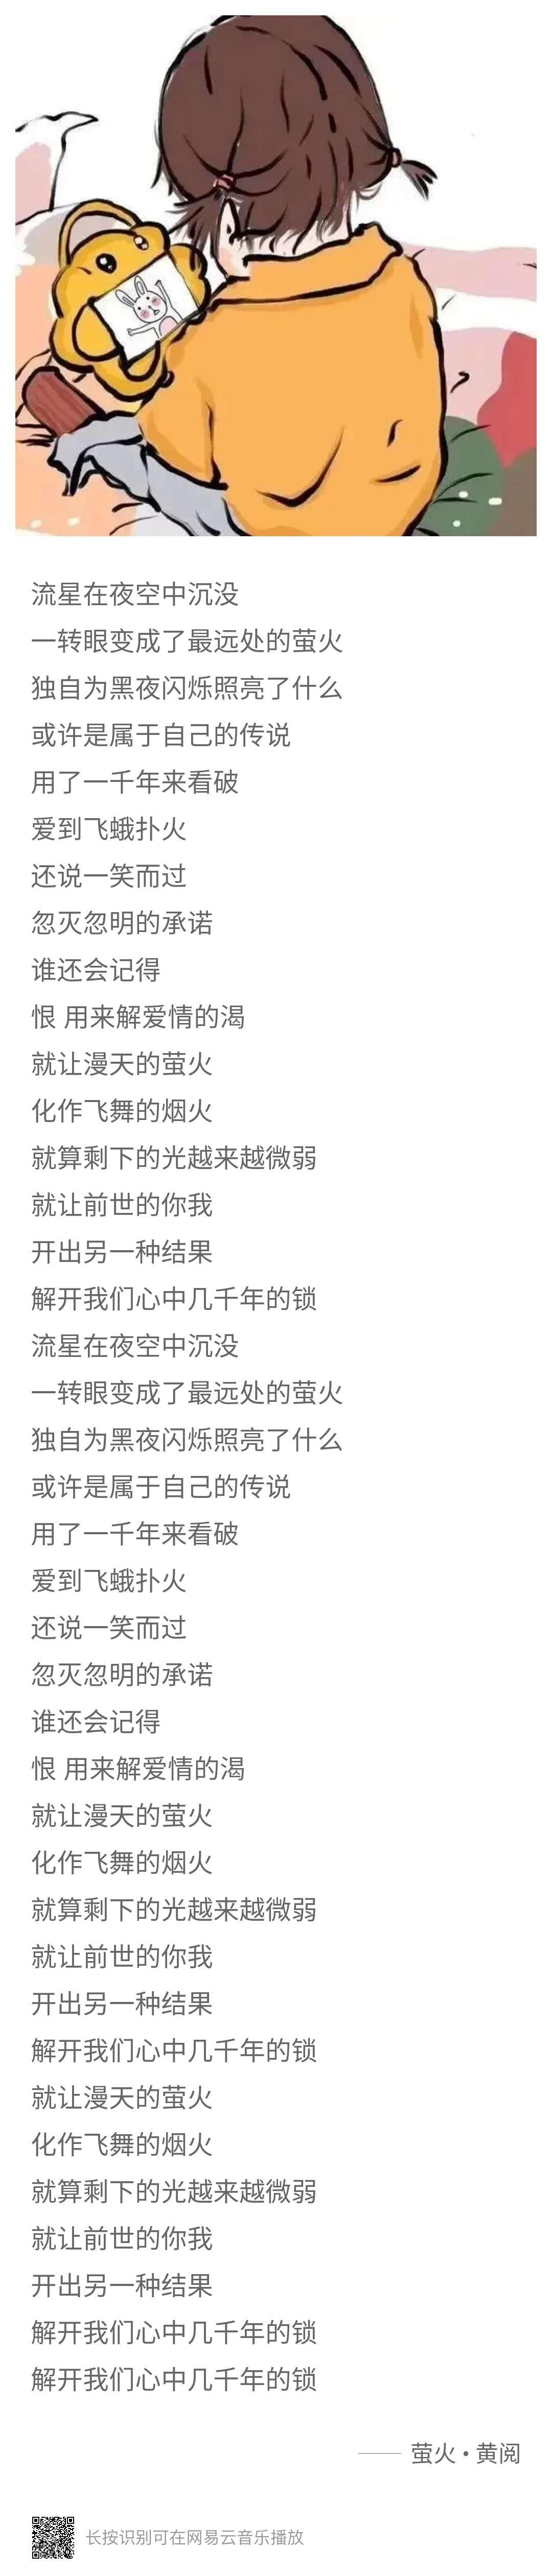 【音乐】忽暗忽明的结果-小柚妹站